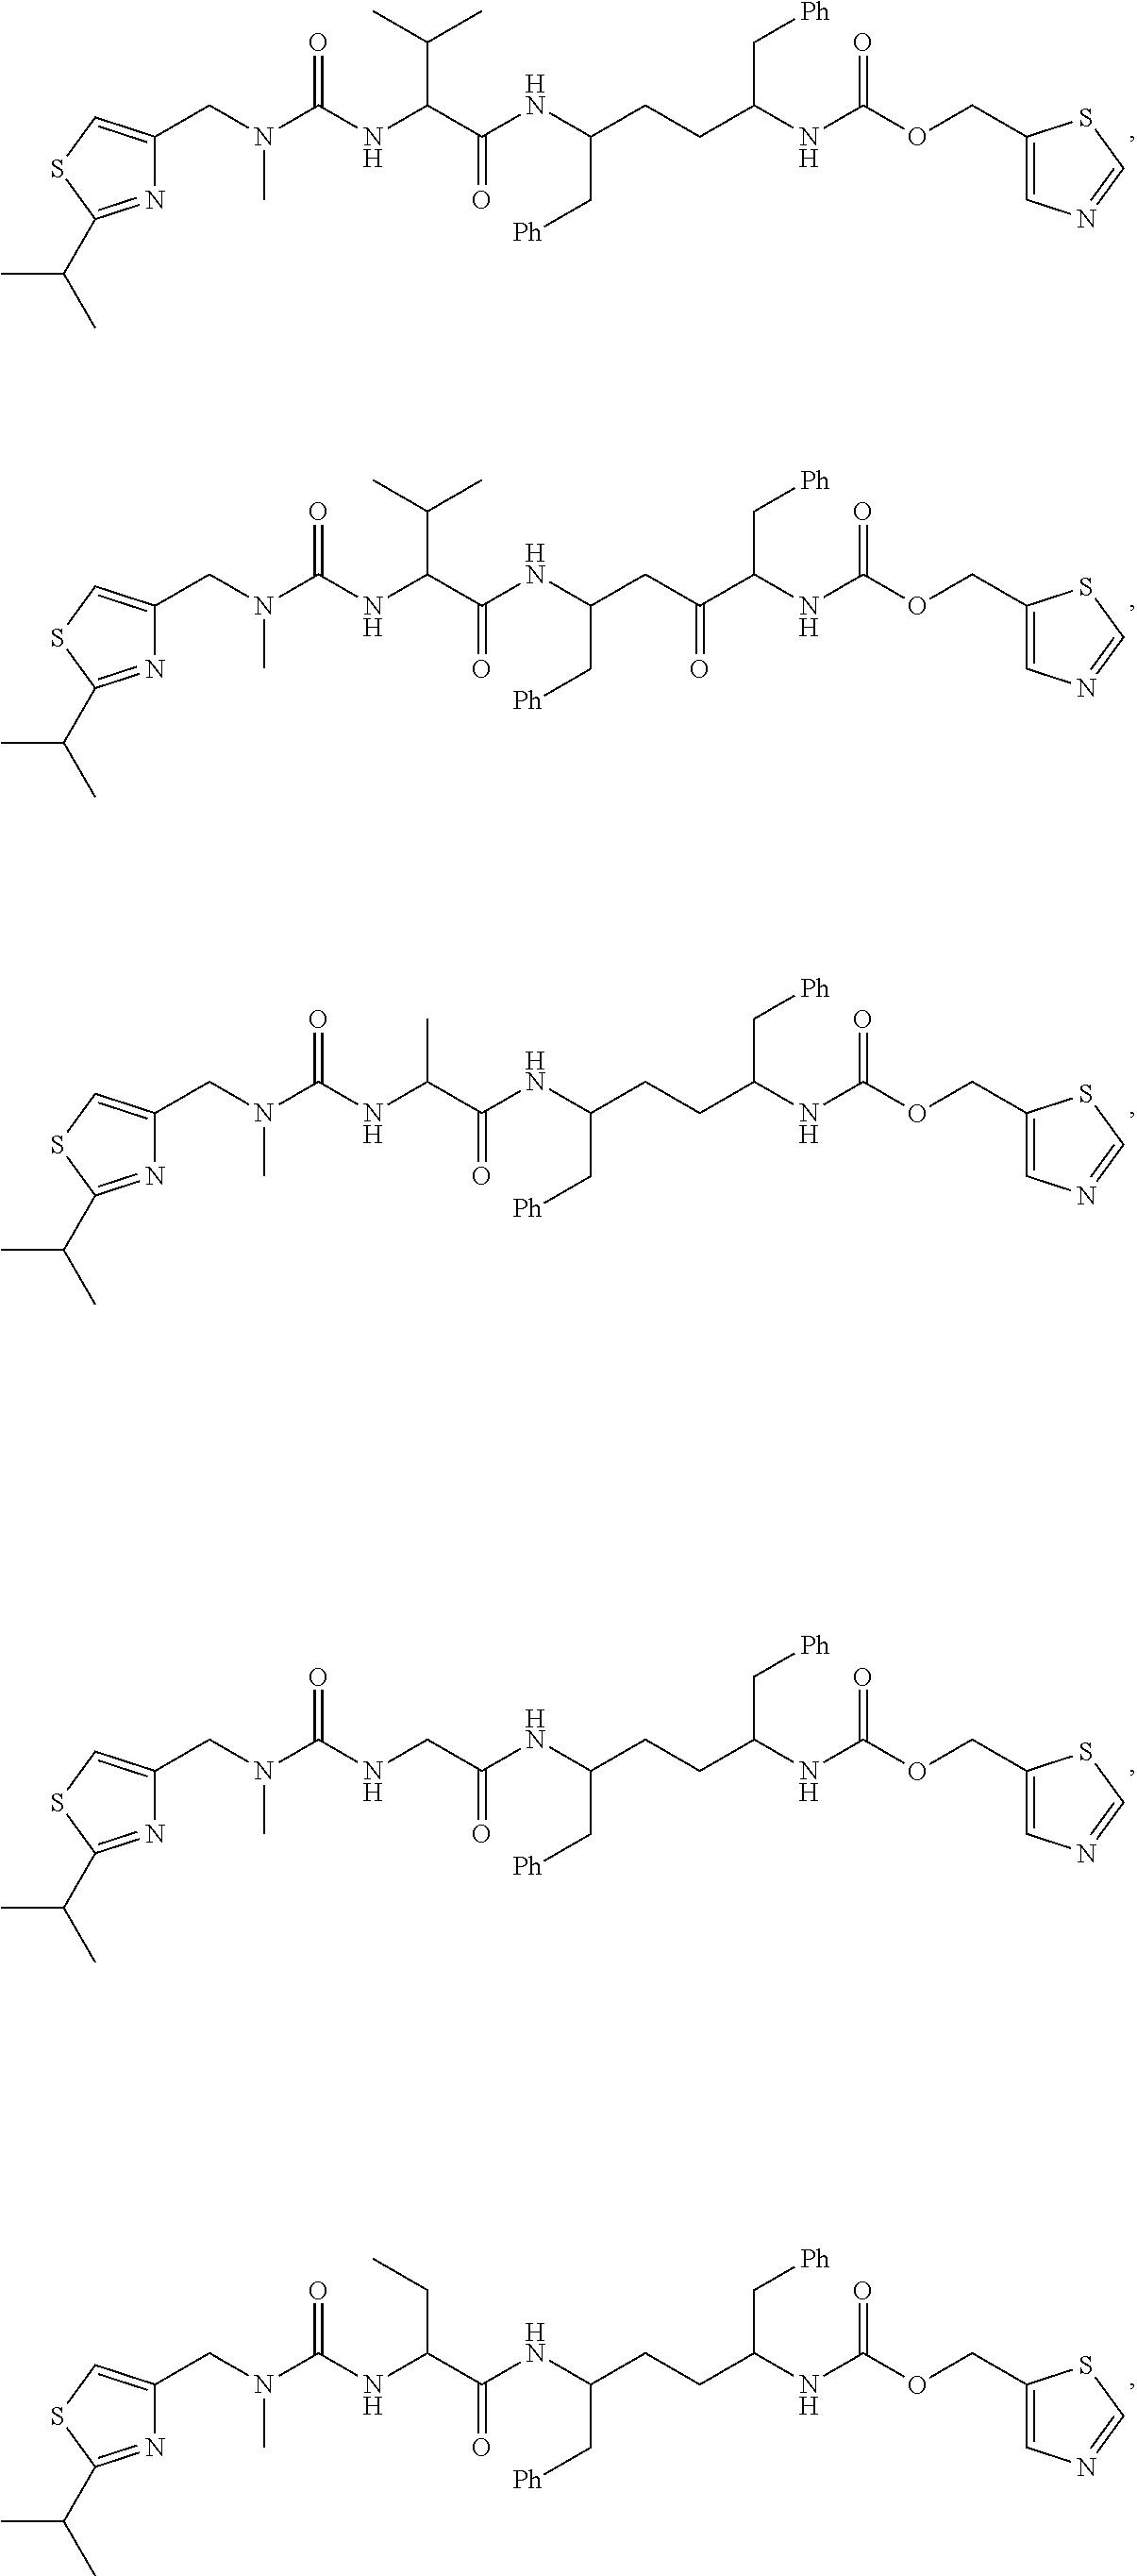 Figure US09891239-20180213-C00013